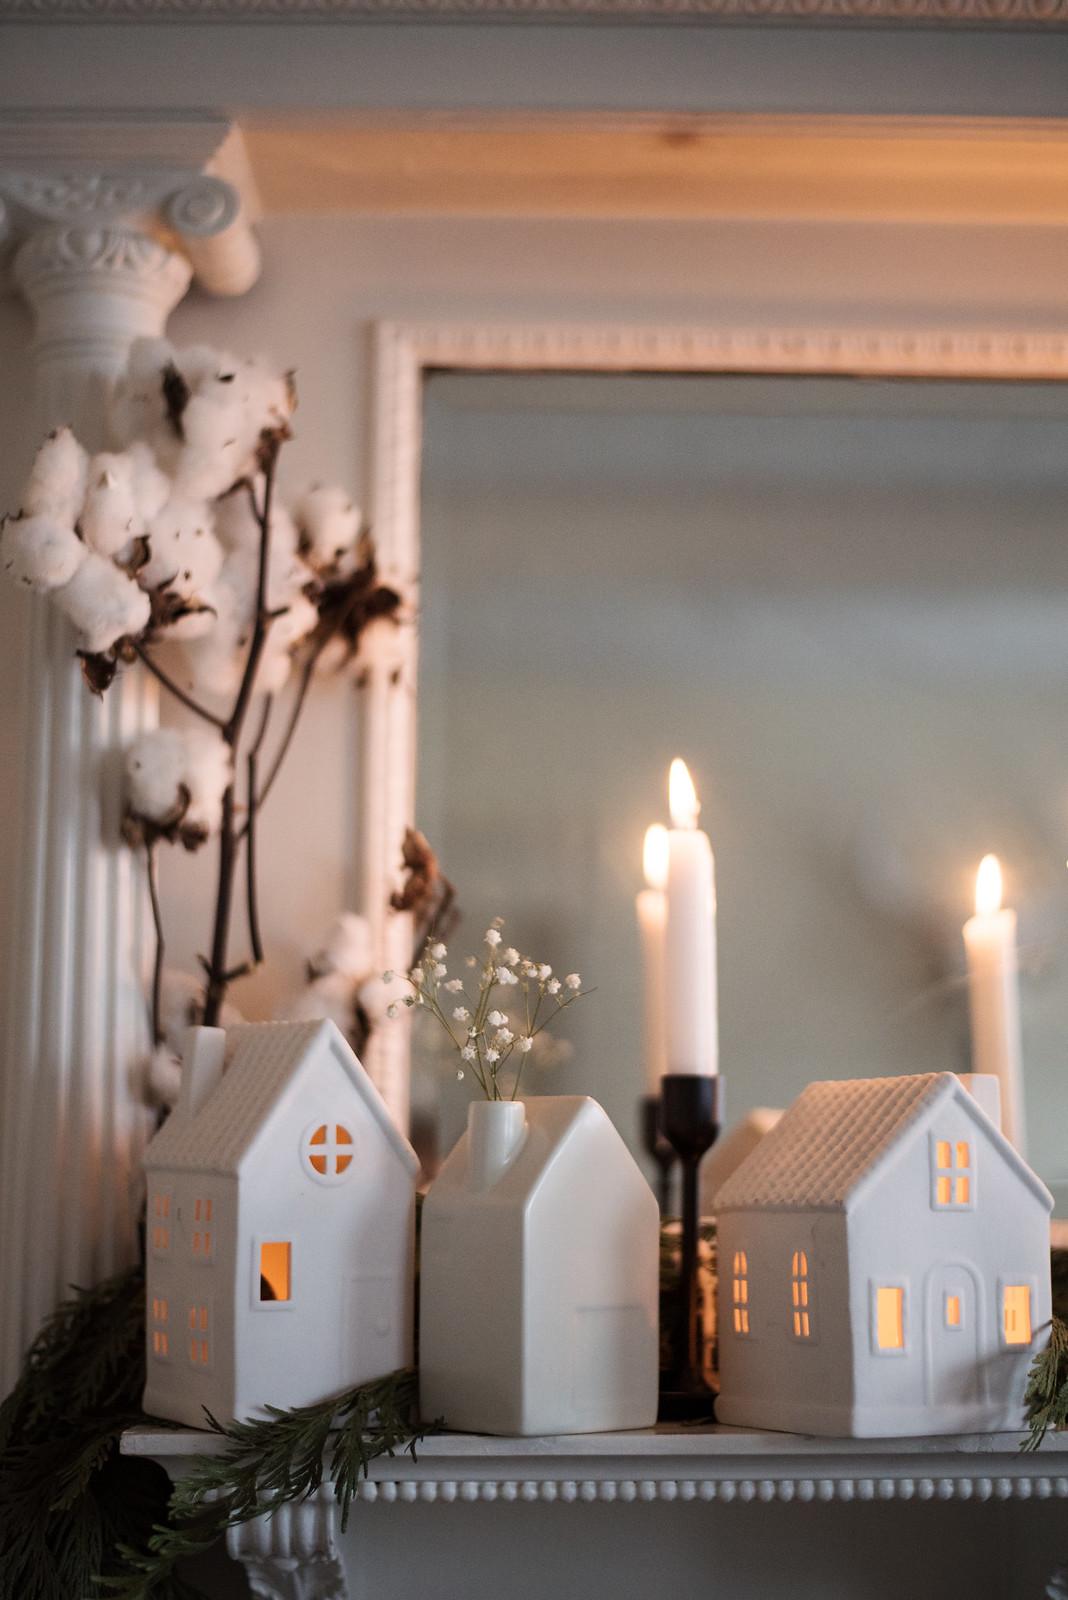 Mini Houses on juliettelaura.blogspot.com